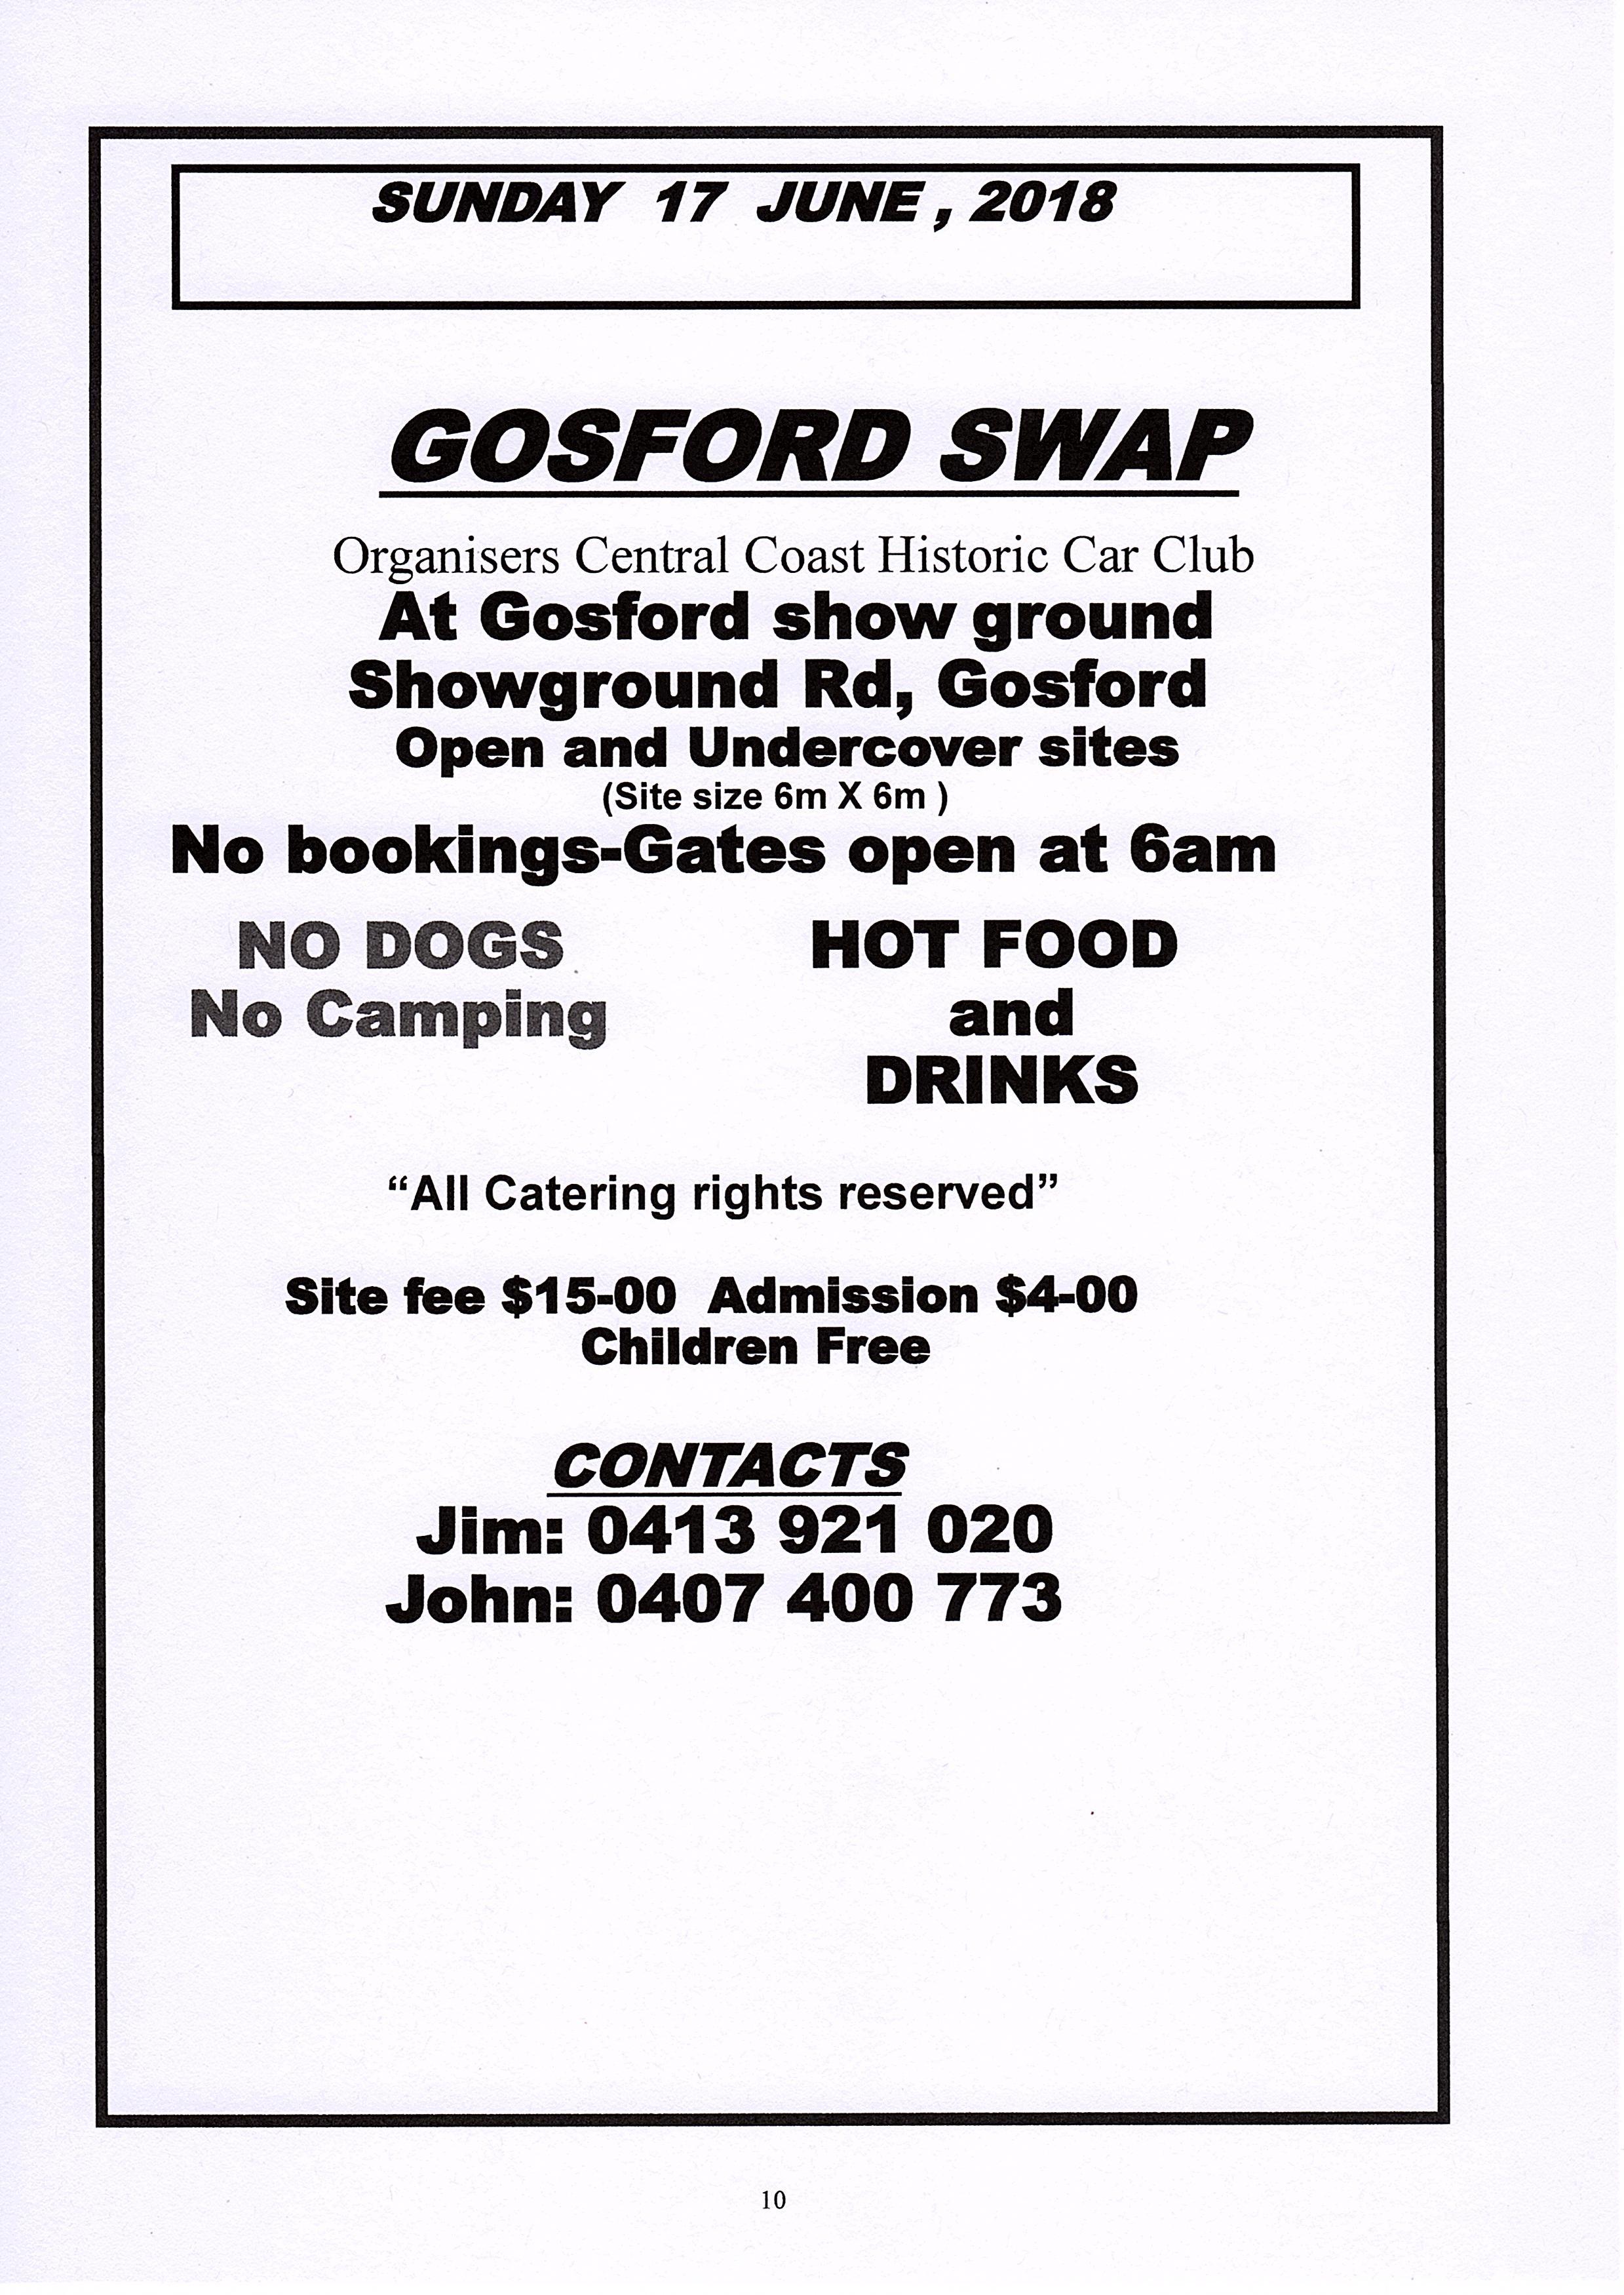 gosford swap